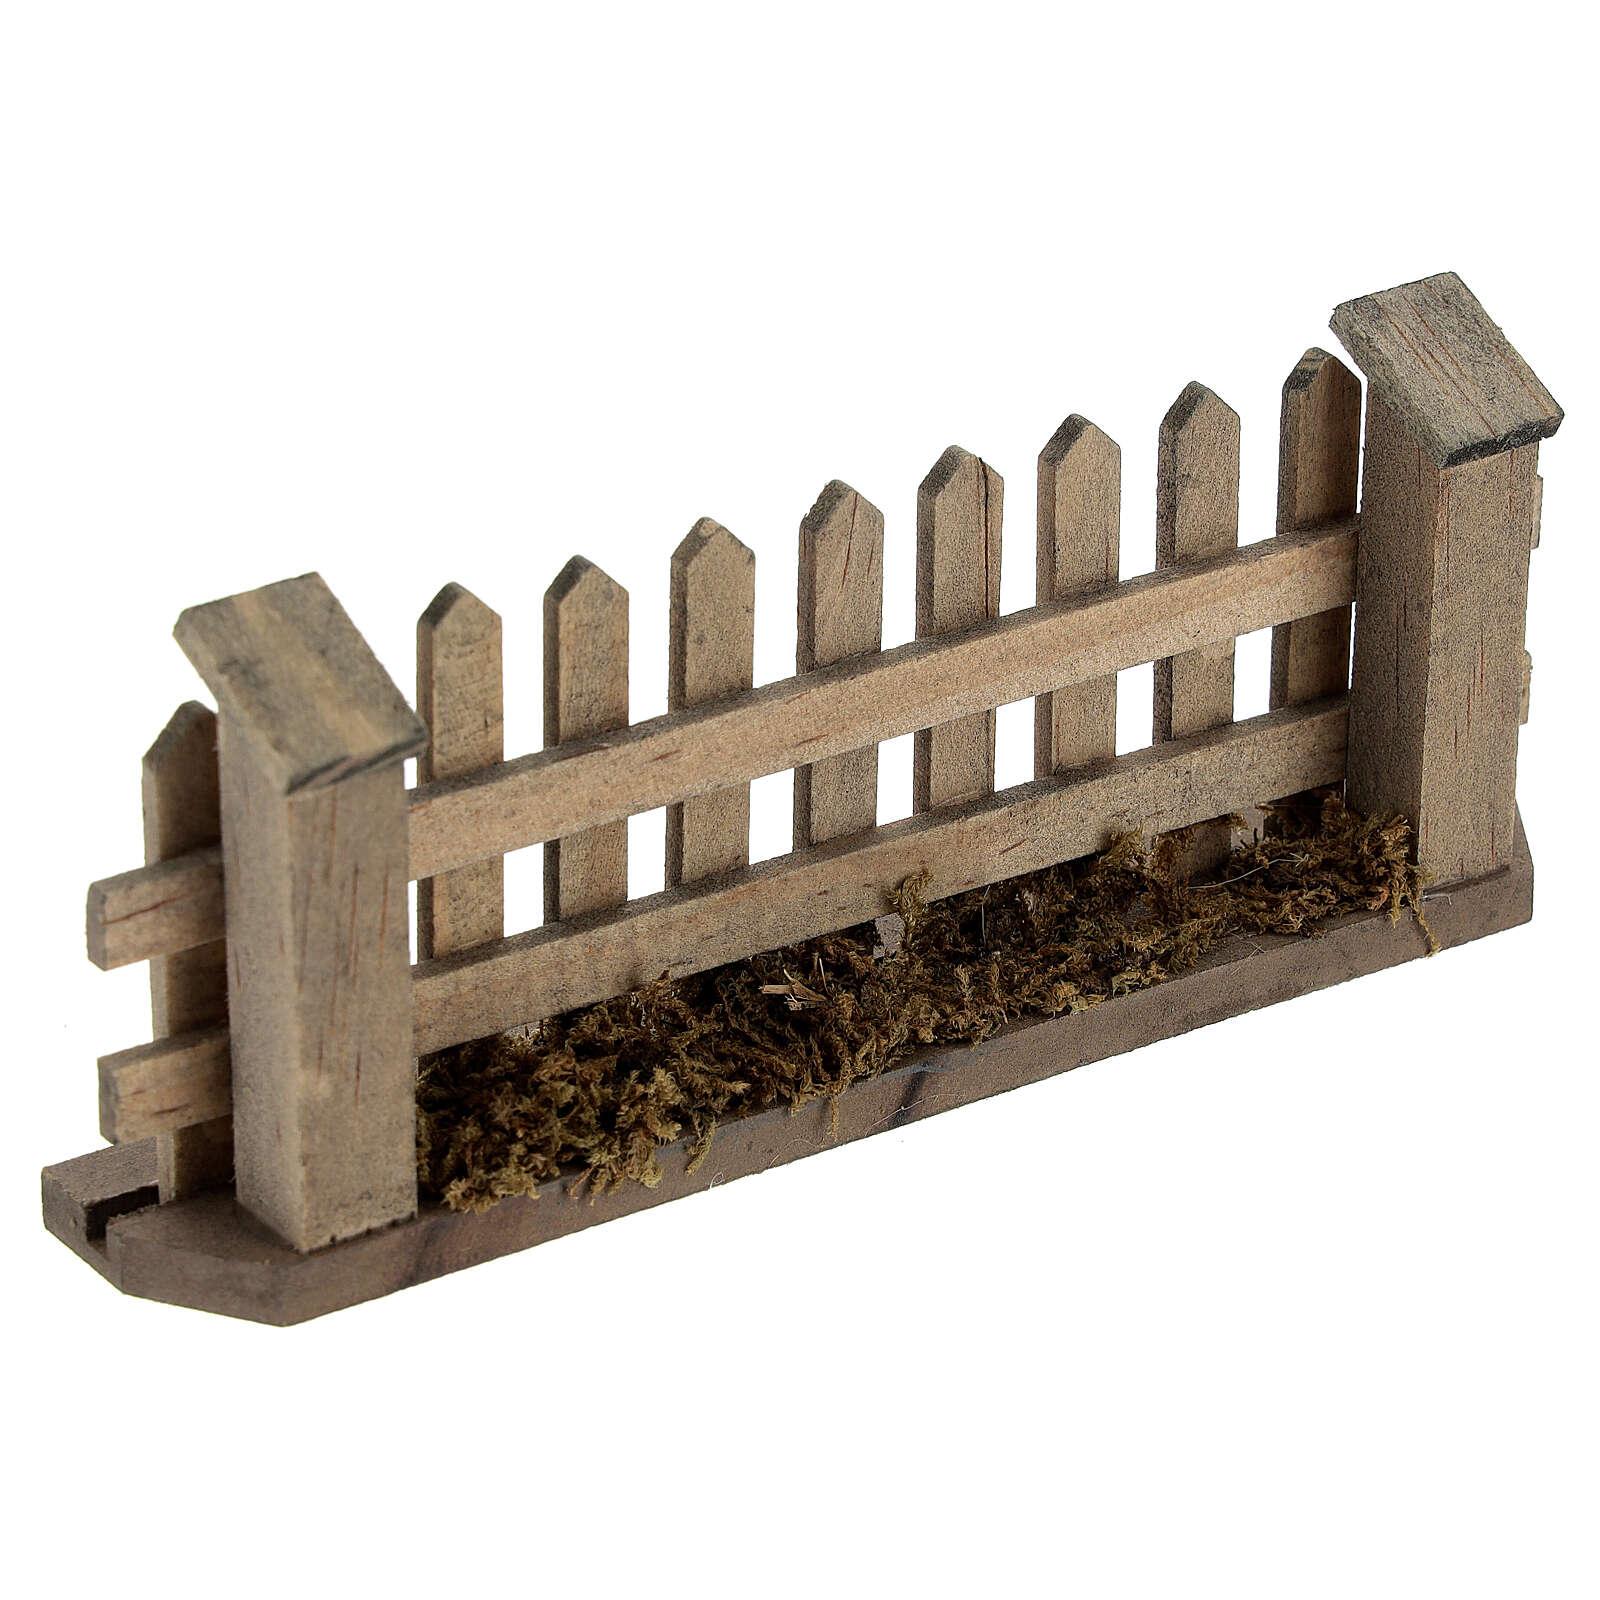 Cerca madeira para presépio com figuras de altura média 8-12 cm; medidas: 5x10x2 cm 4